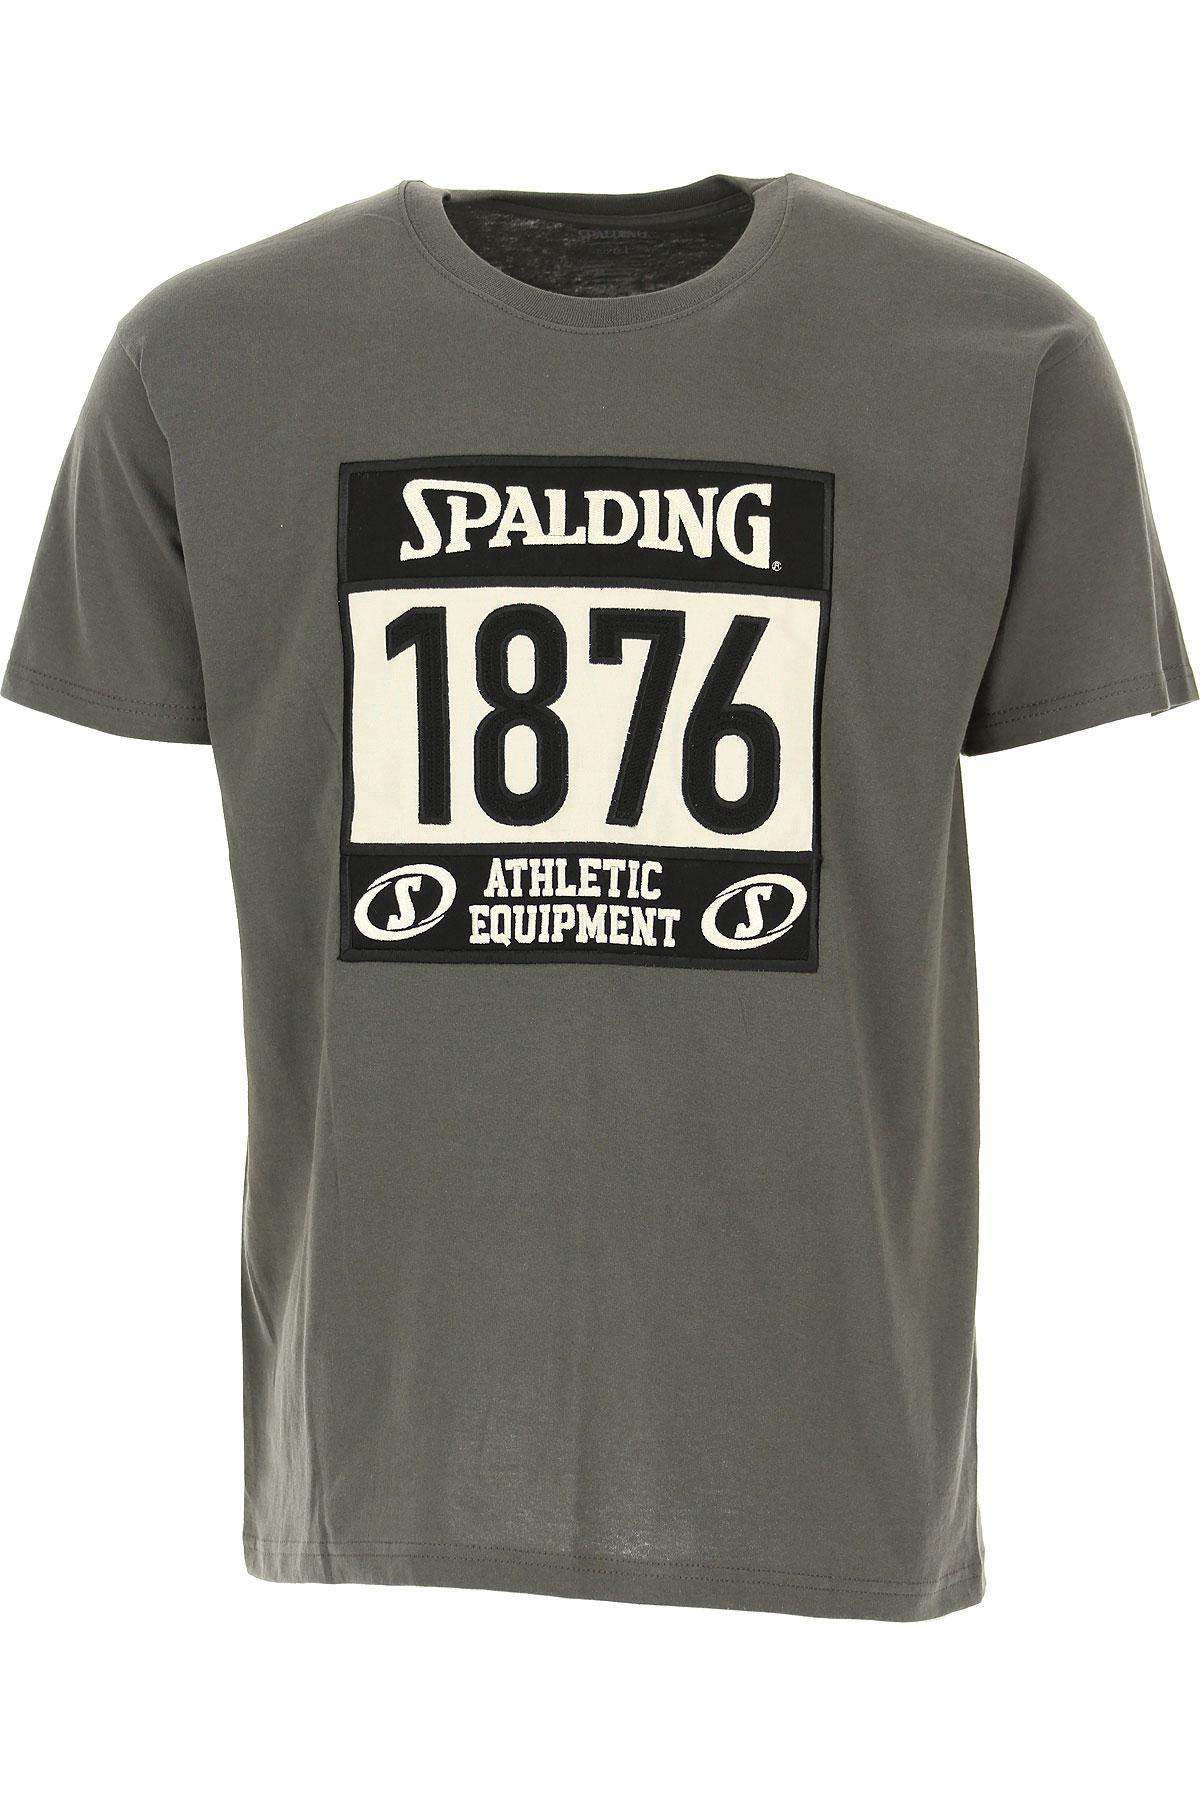 Spalding T-Shirt for Men, Lead Grey, Cotton, 2019, M XL